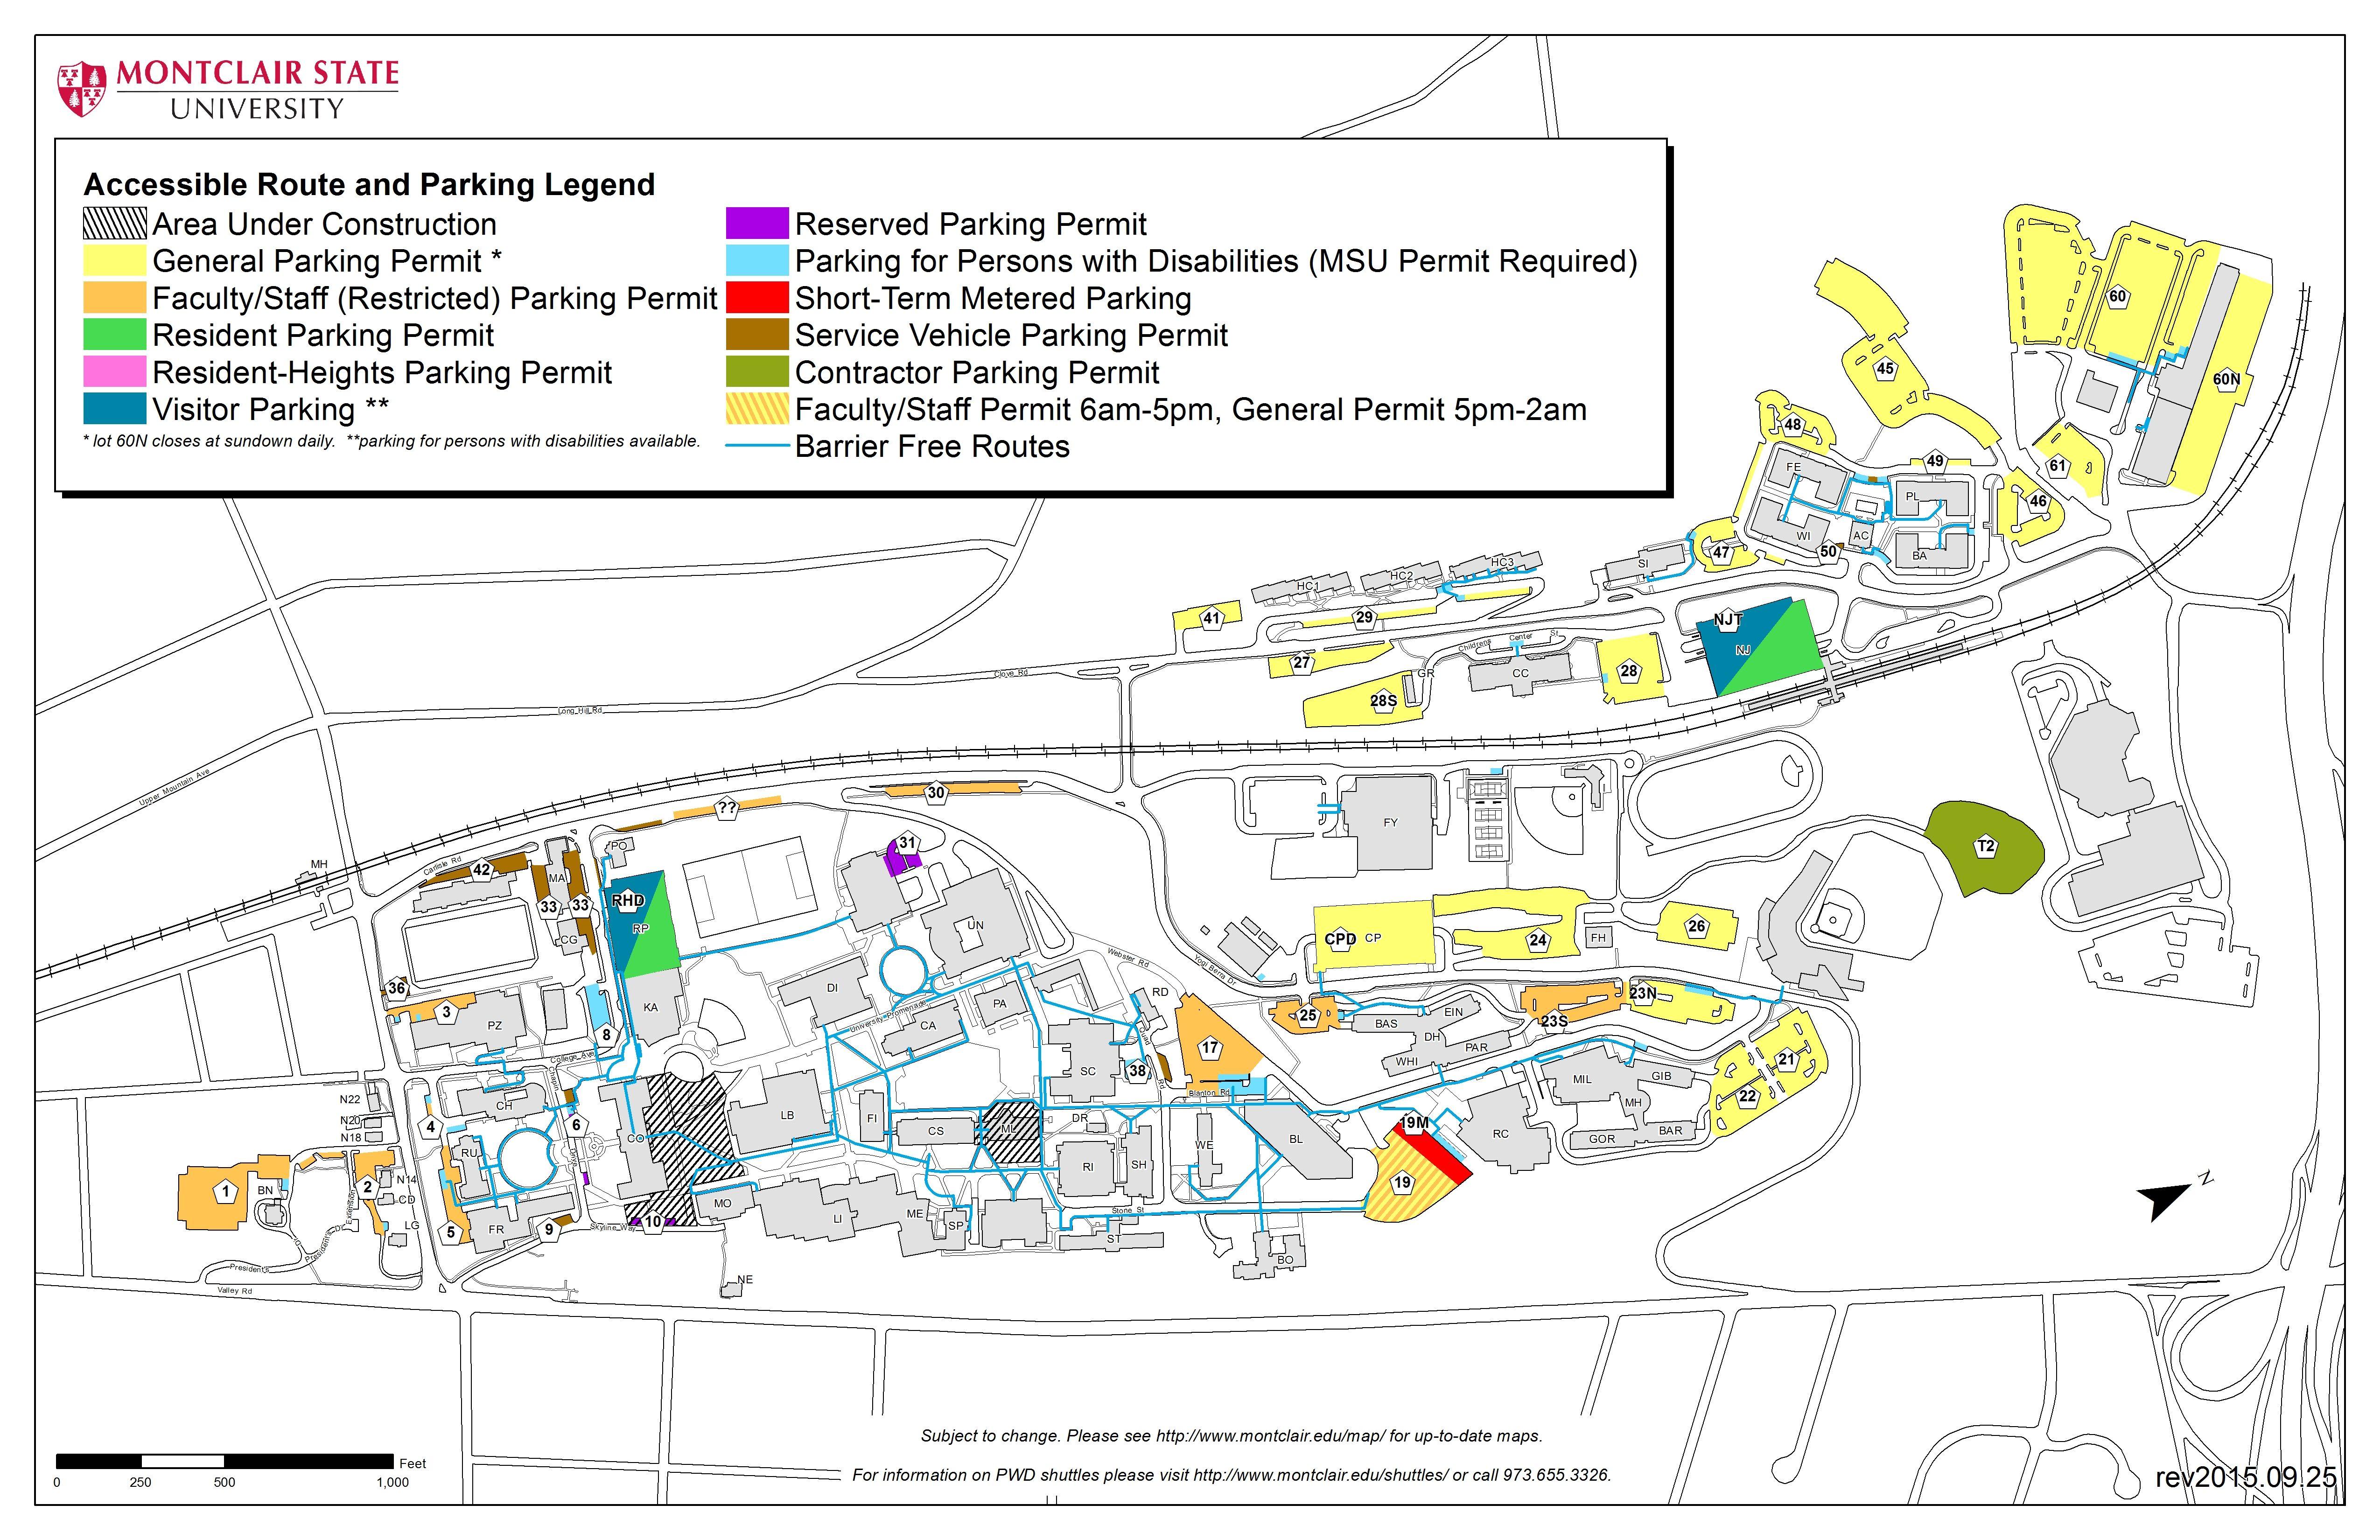 Montclair State University Campus Map Campus Access & Maps – University Facilities   Montclair State